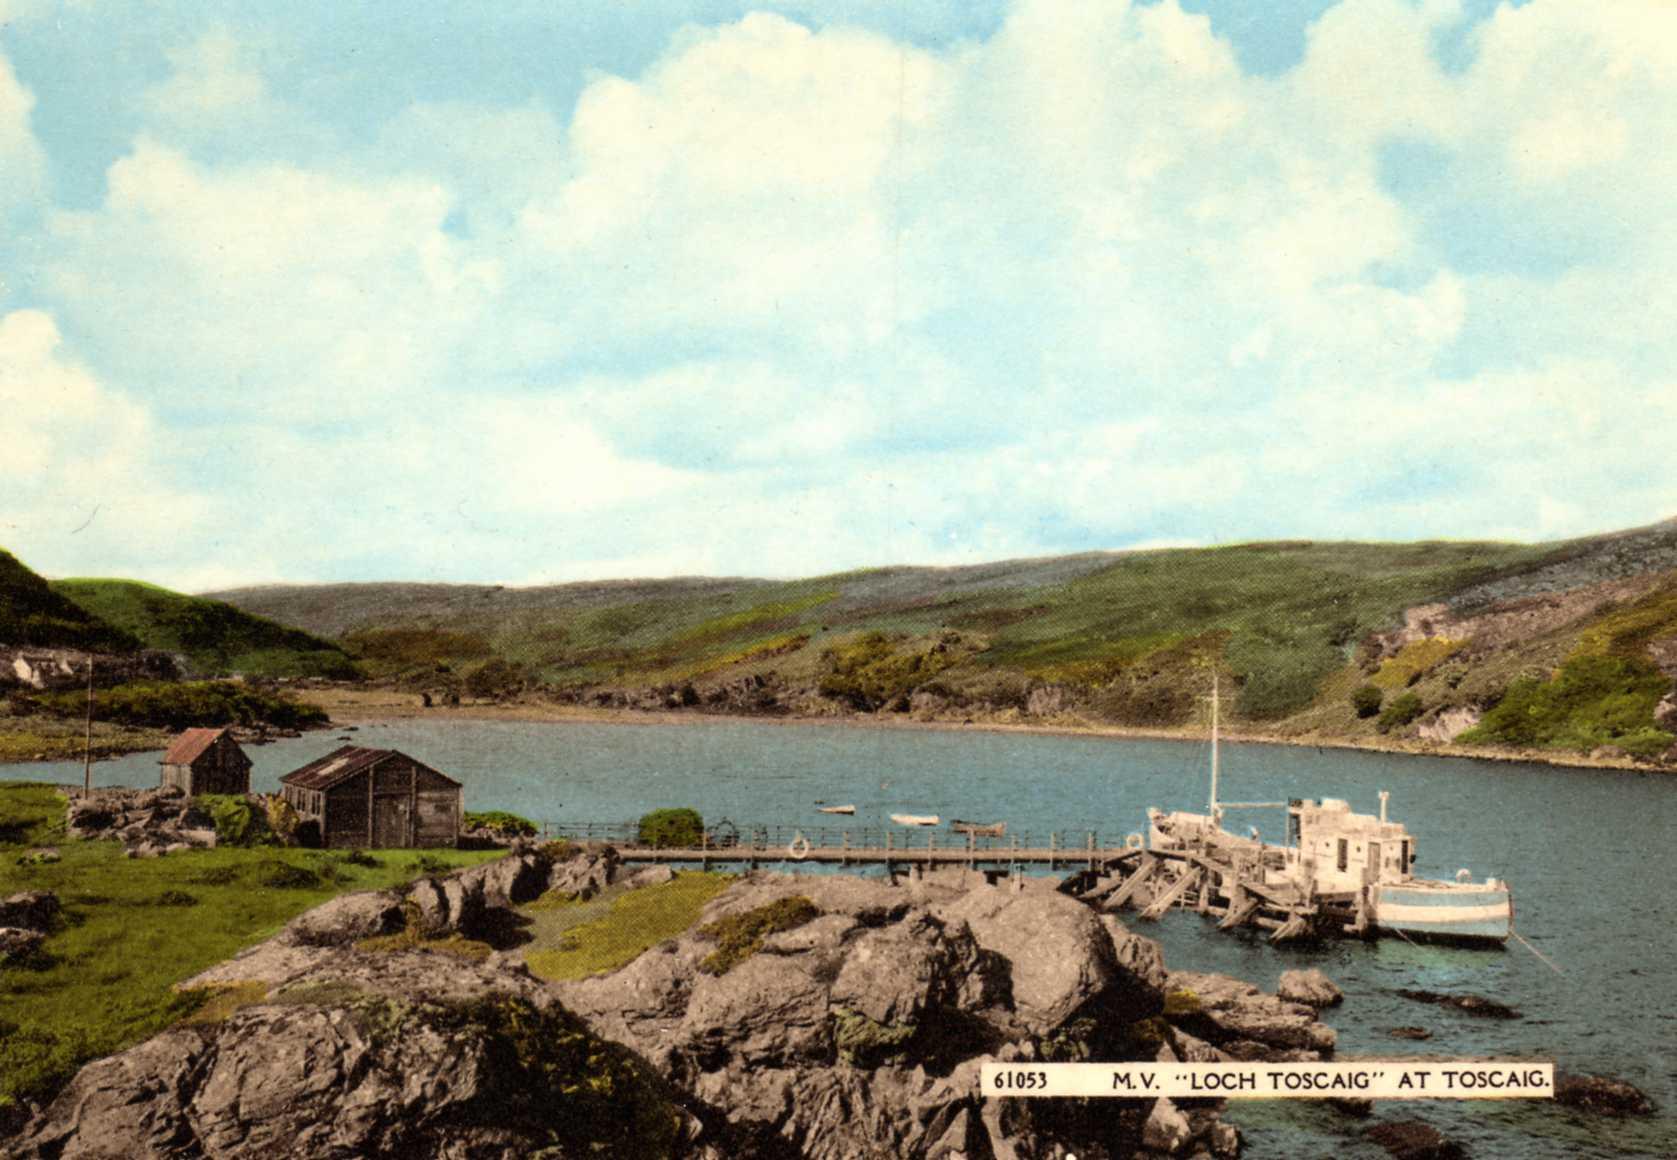 Loch Toscaig at Toscaig